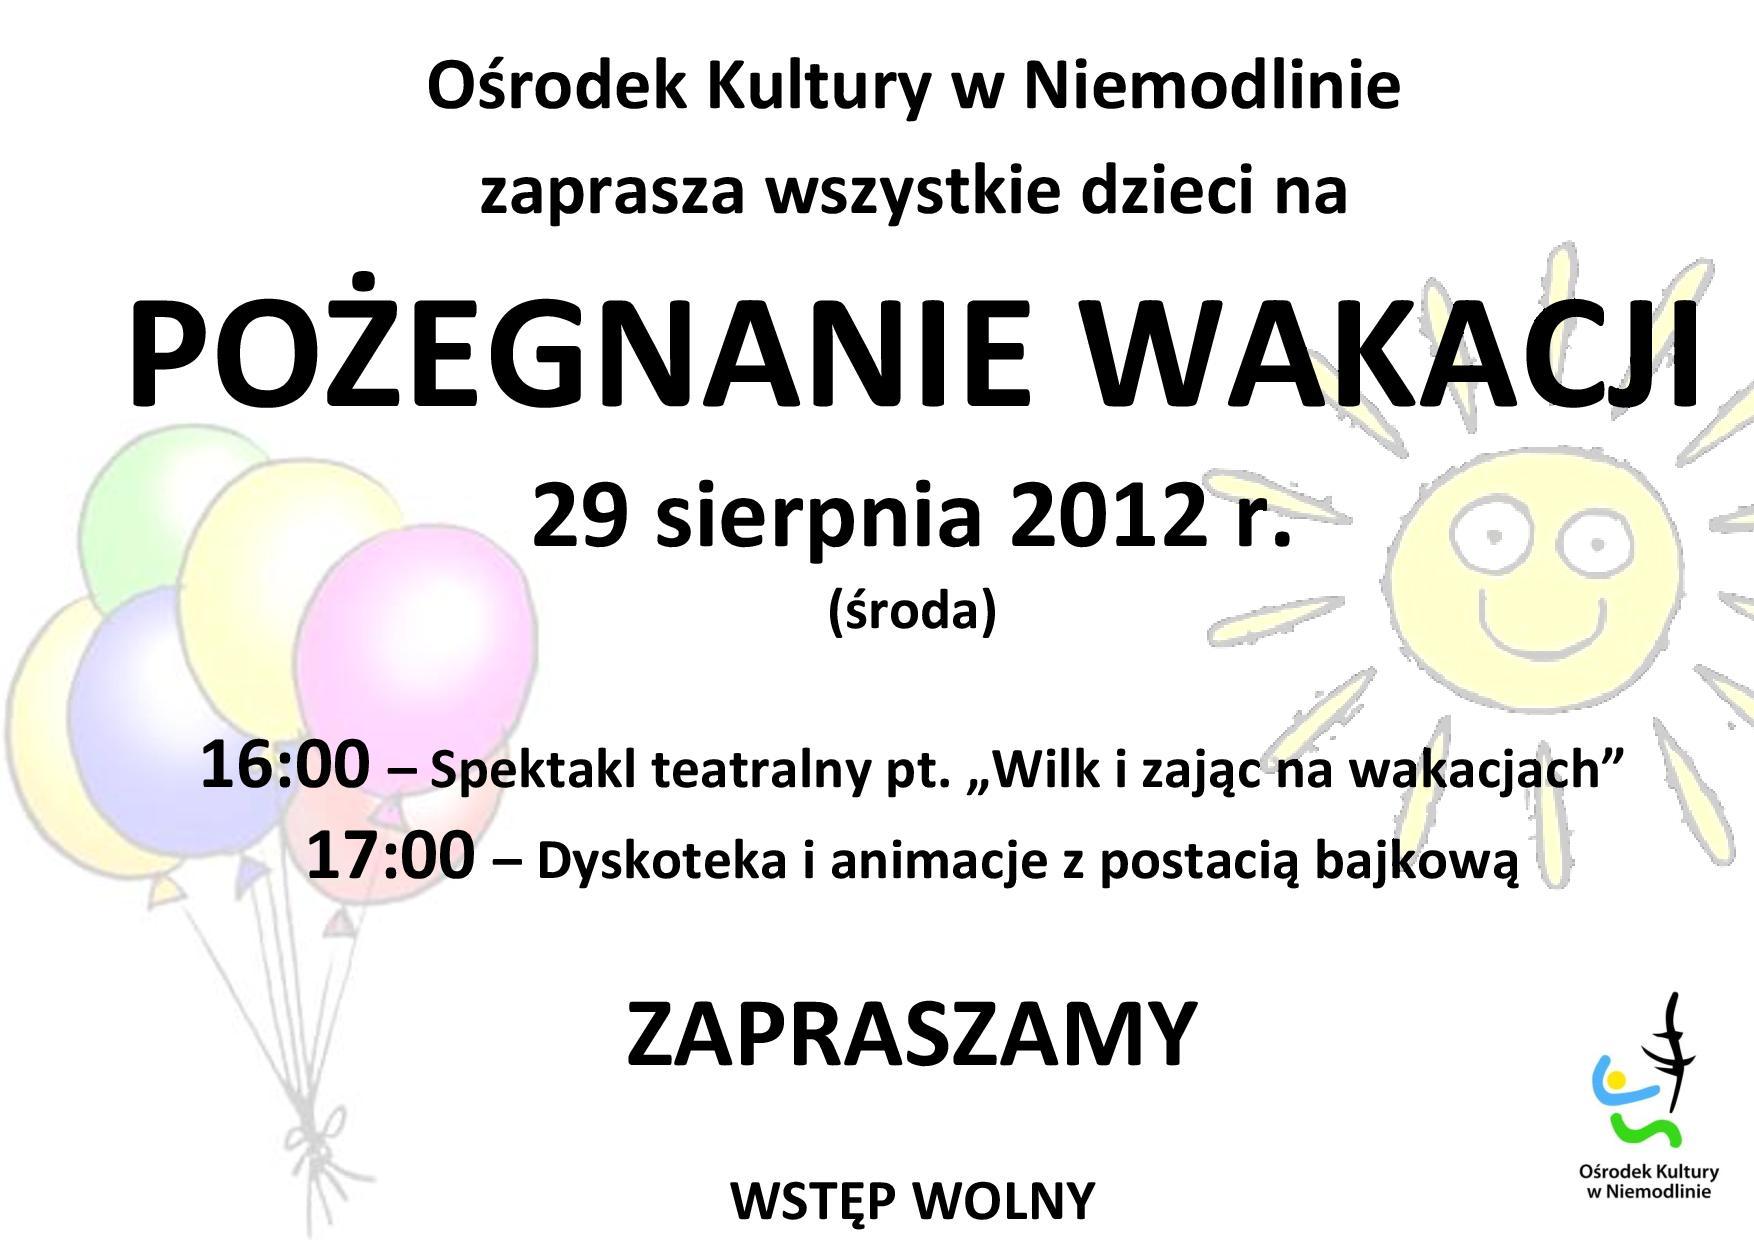 Plakat wakacje OK Niemodlin  pożegnanie wakacji-page-001.jpeg